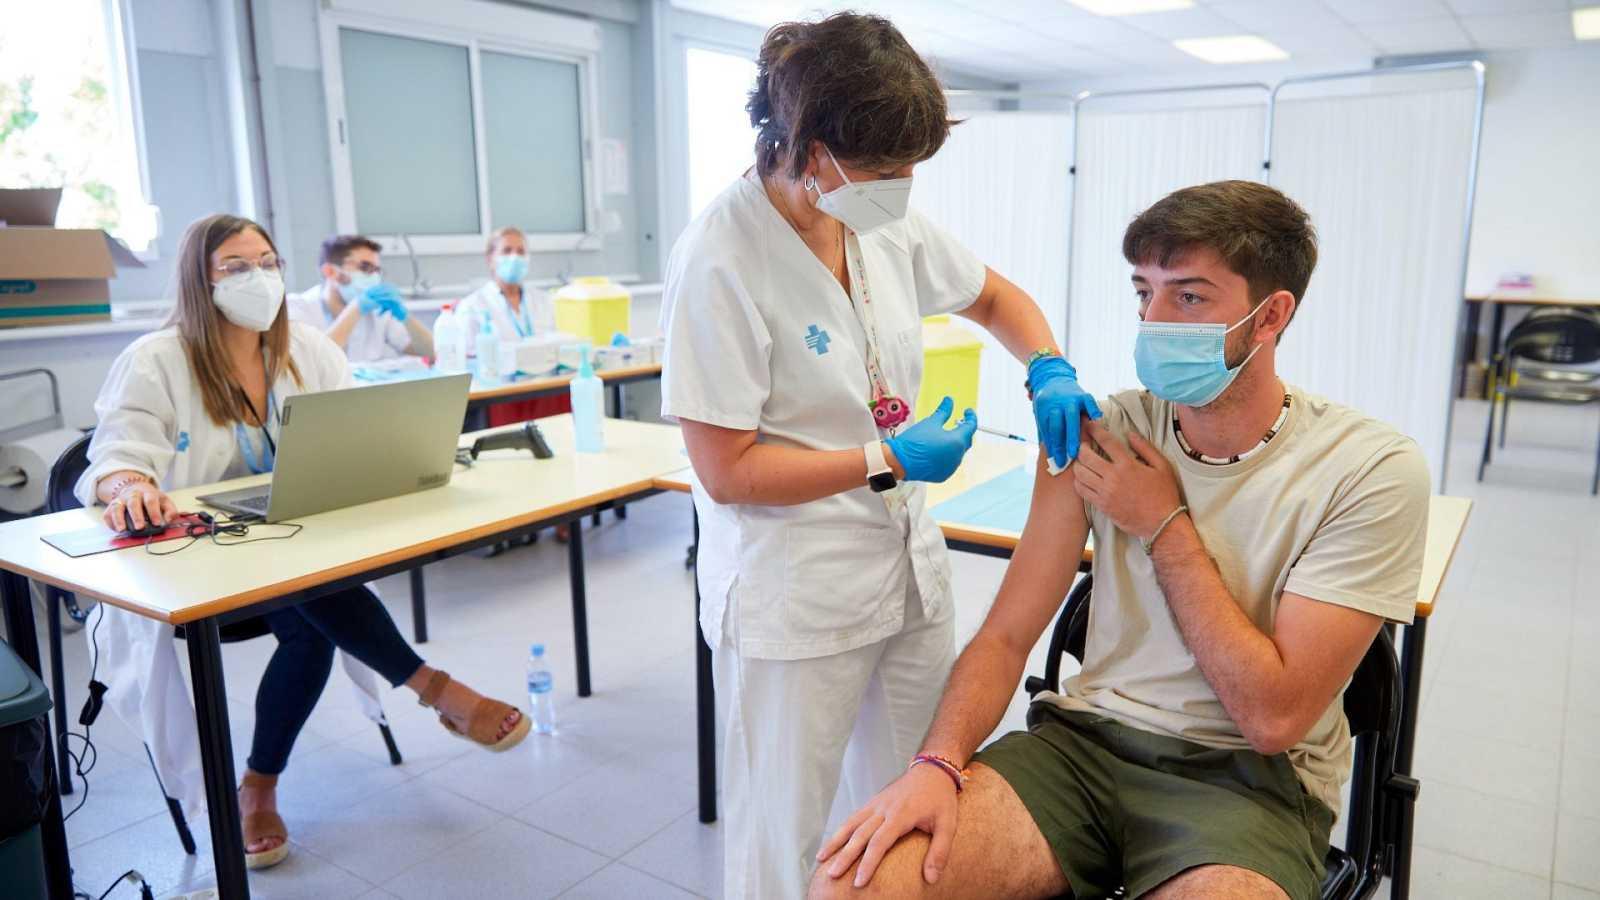 Un joven se vacuna contra la COVID-19 en el centro de vacunación sin cita previa de la Universidad de Girona